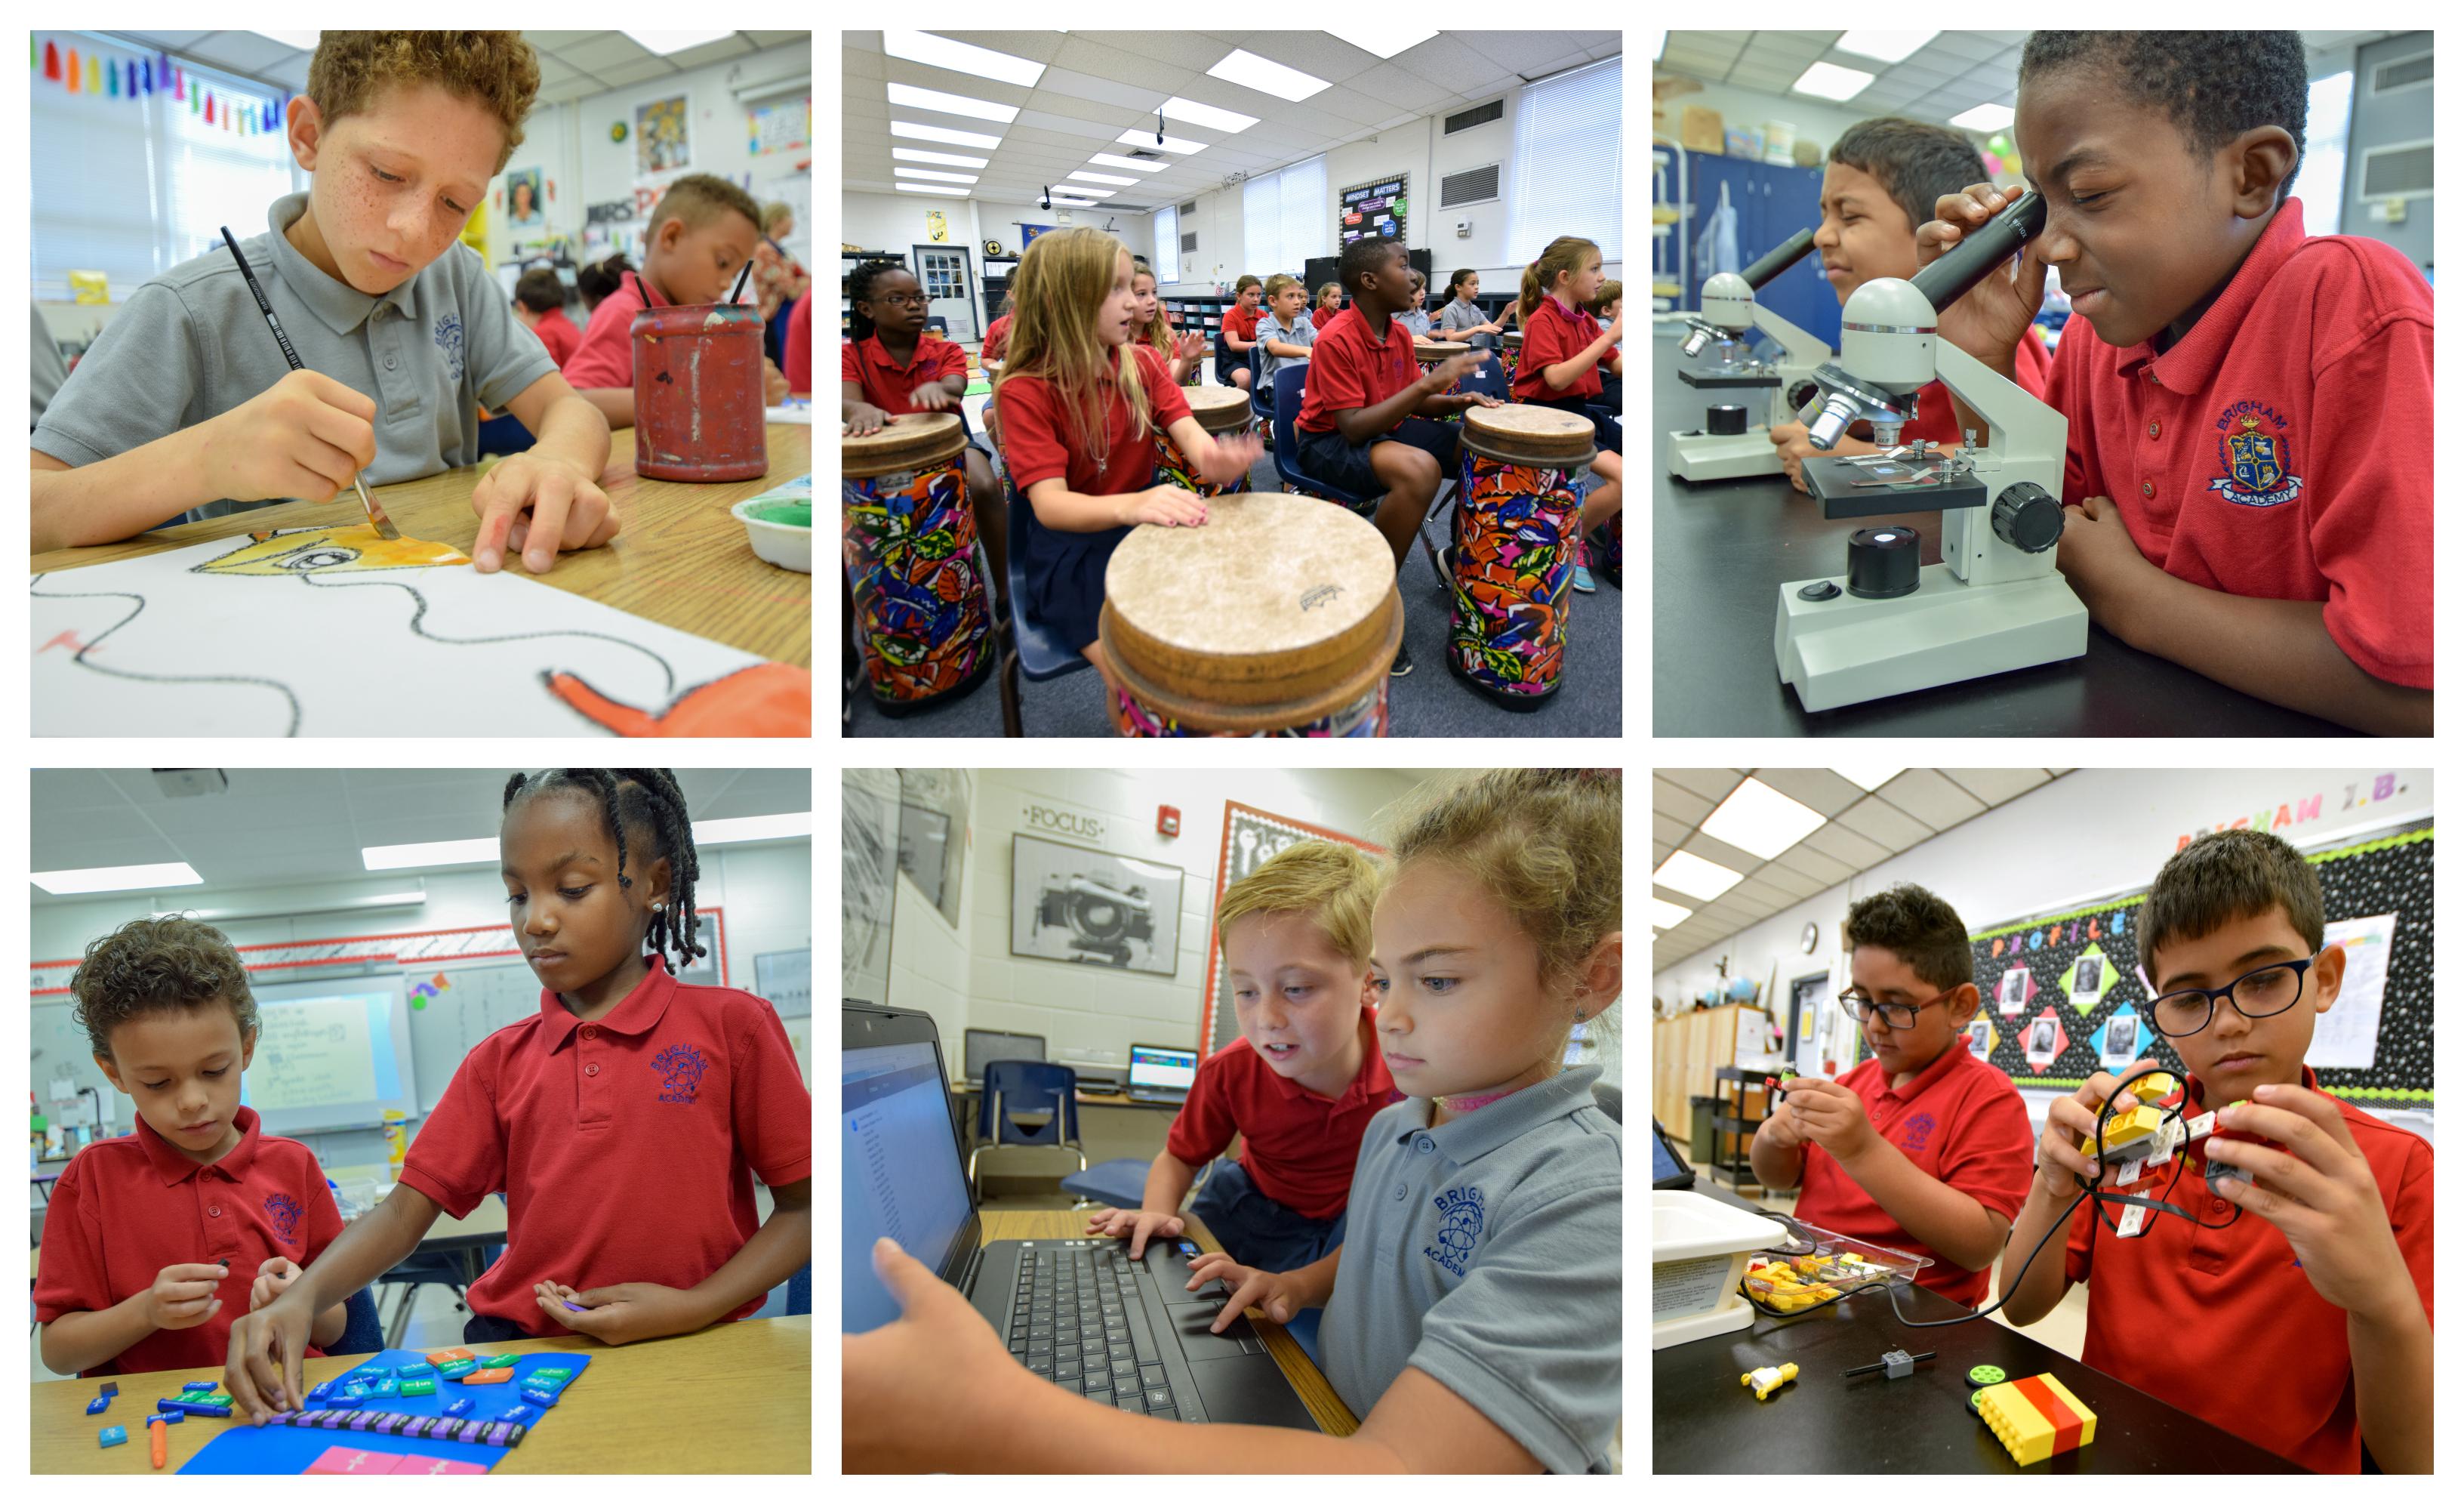 Brigham Academy collage